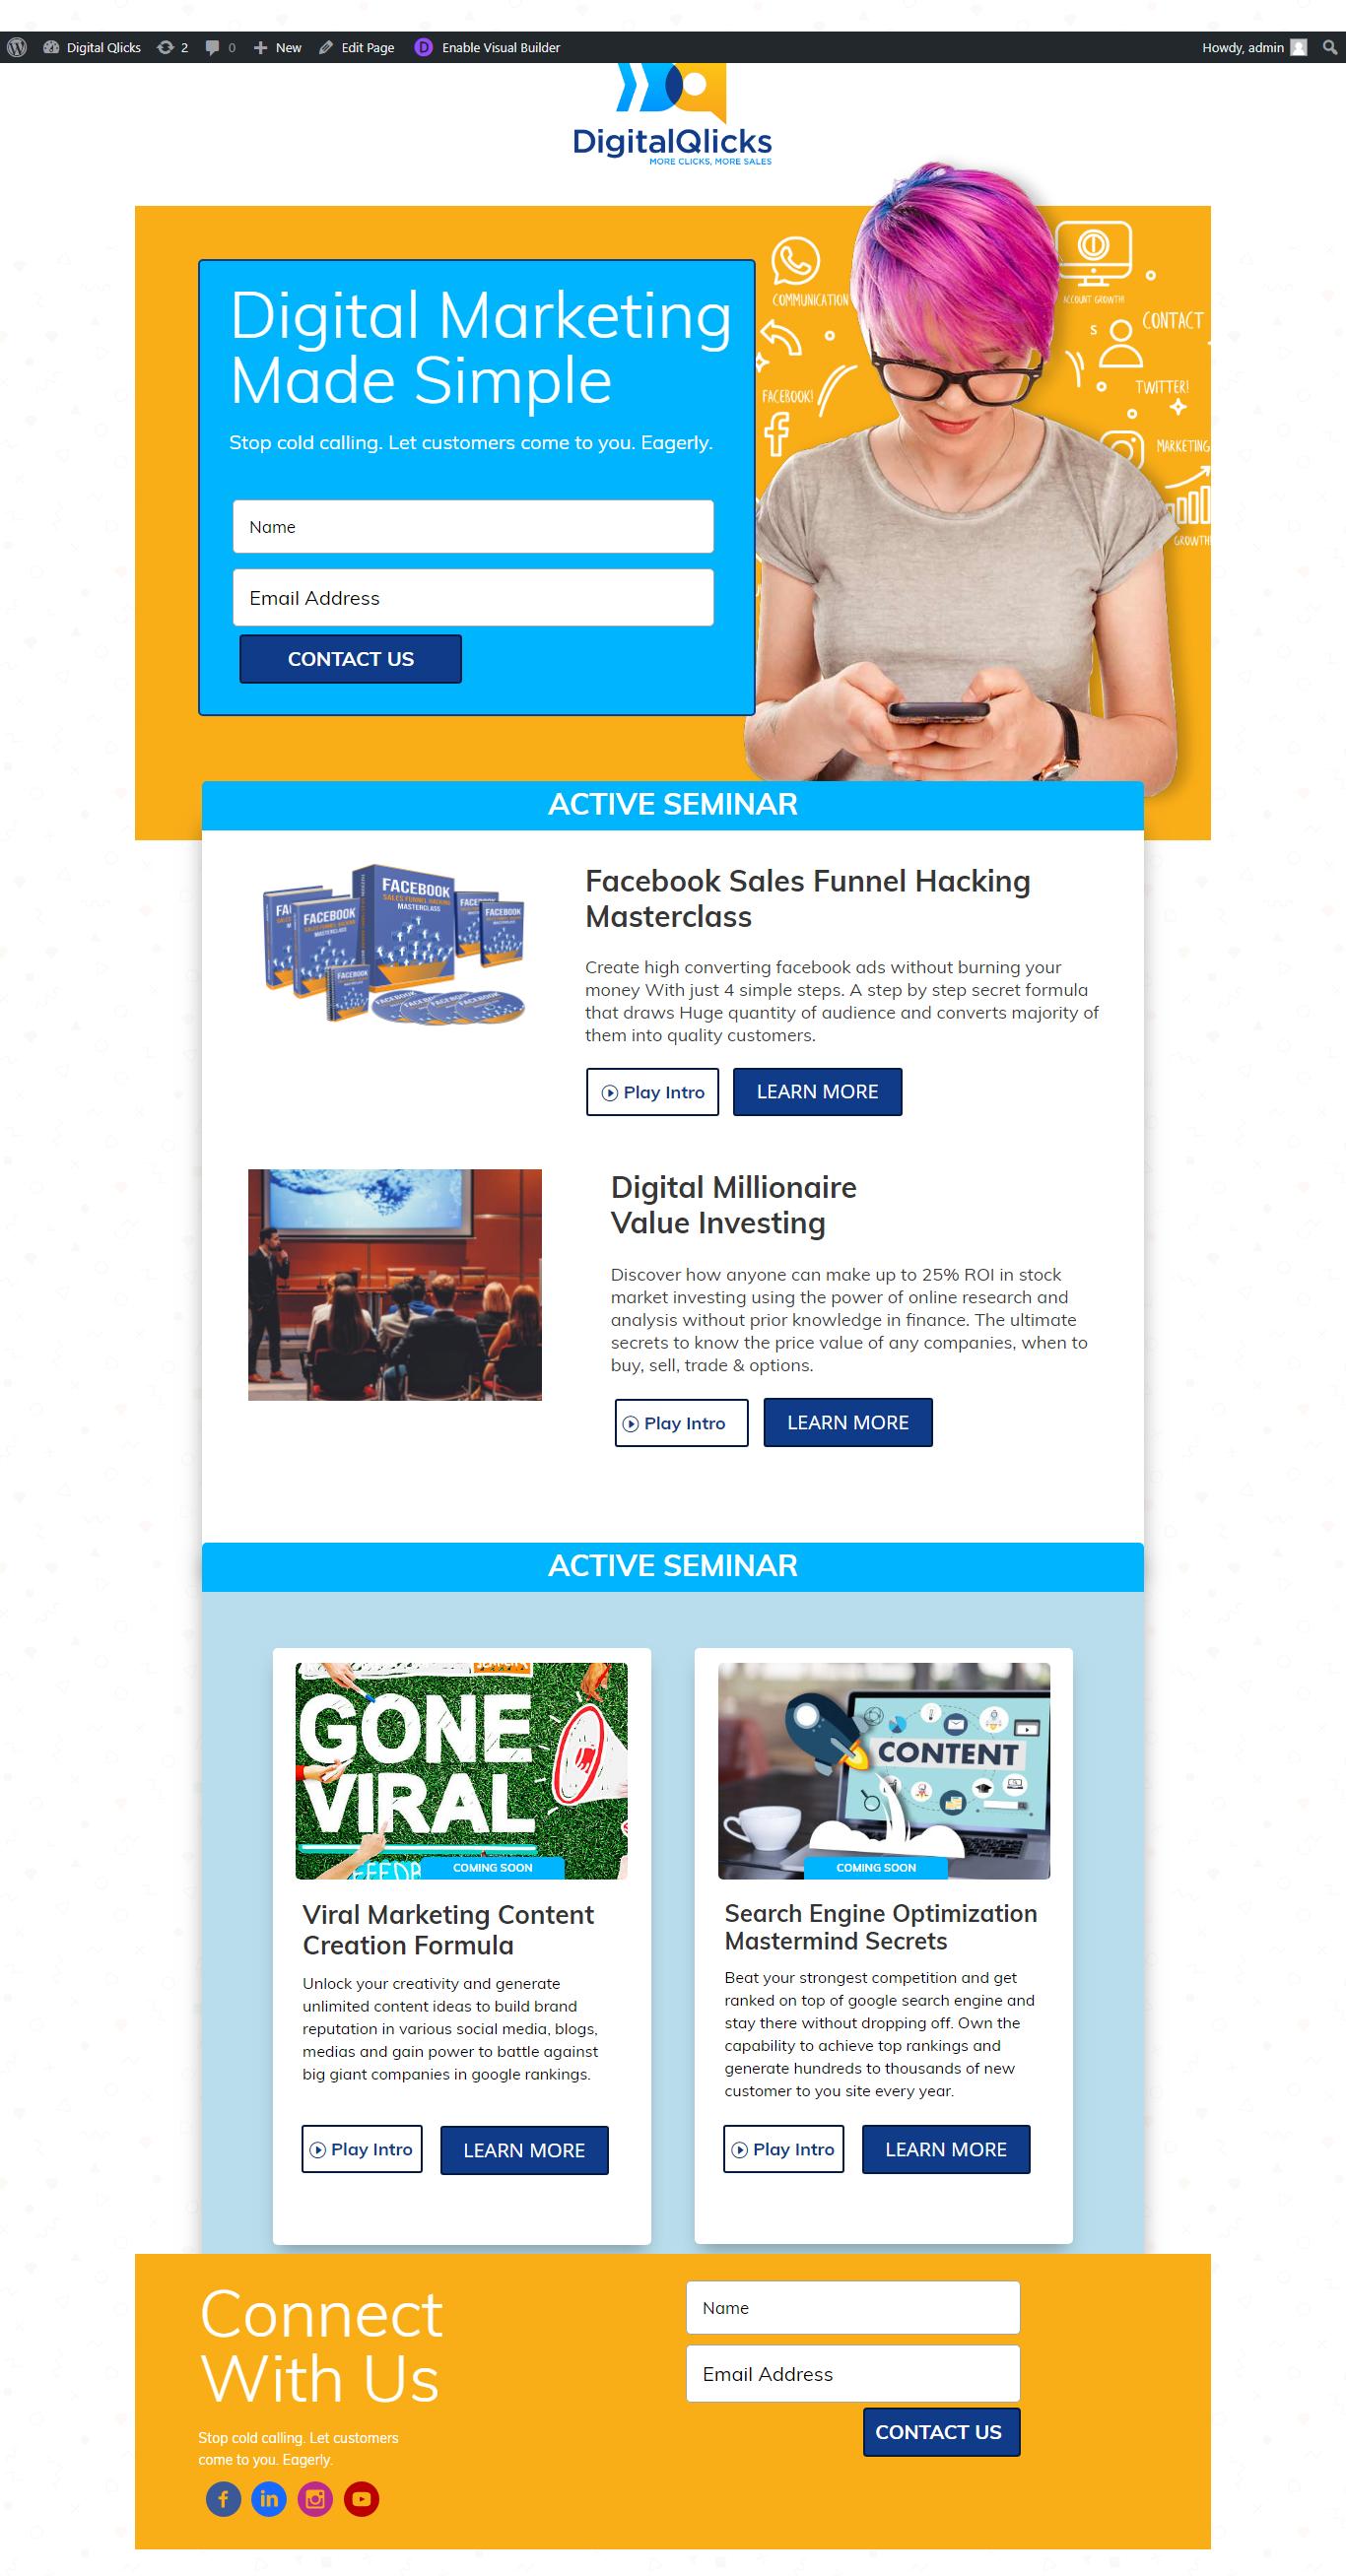 Digital Qlicks - Landing page upload & migration to divi